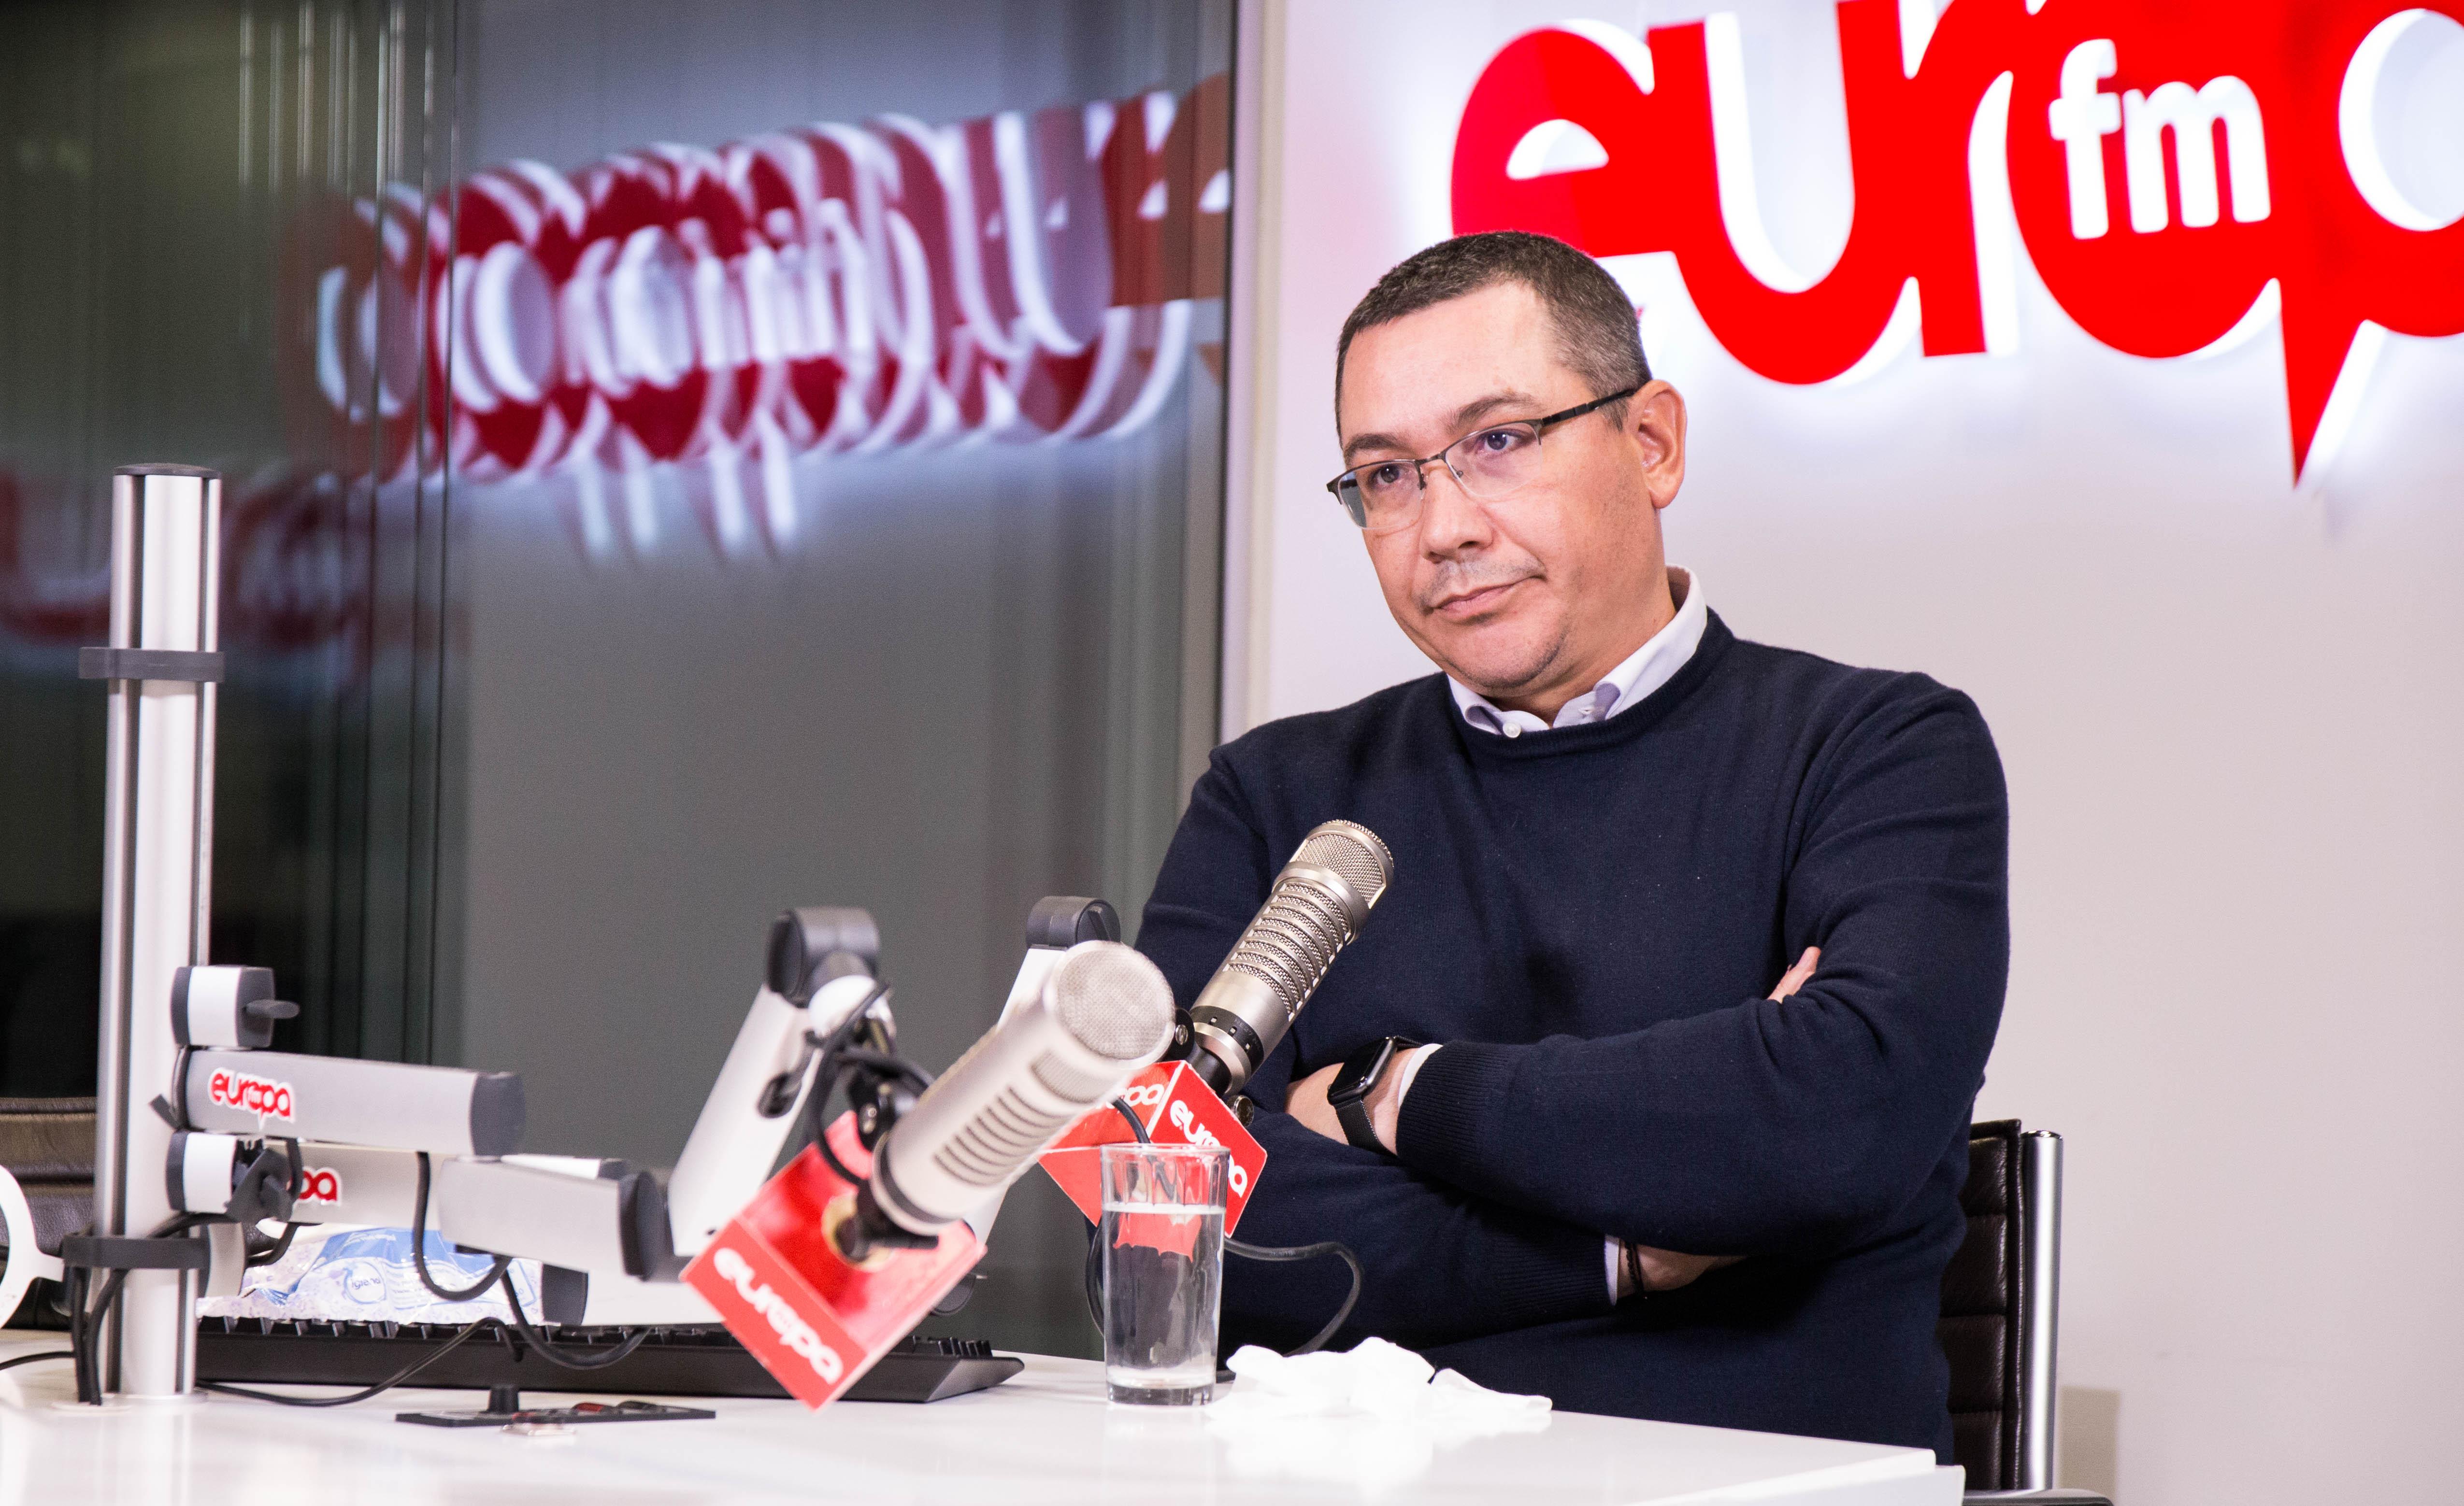 Înalta Curte a decis, definitiv, că Victor Ponta a plagiat lucrarea de doctorat